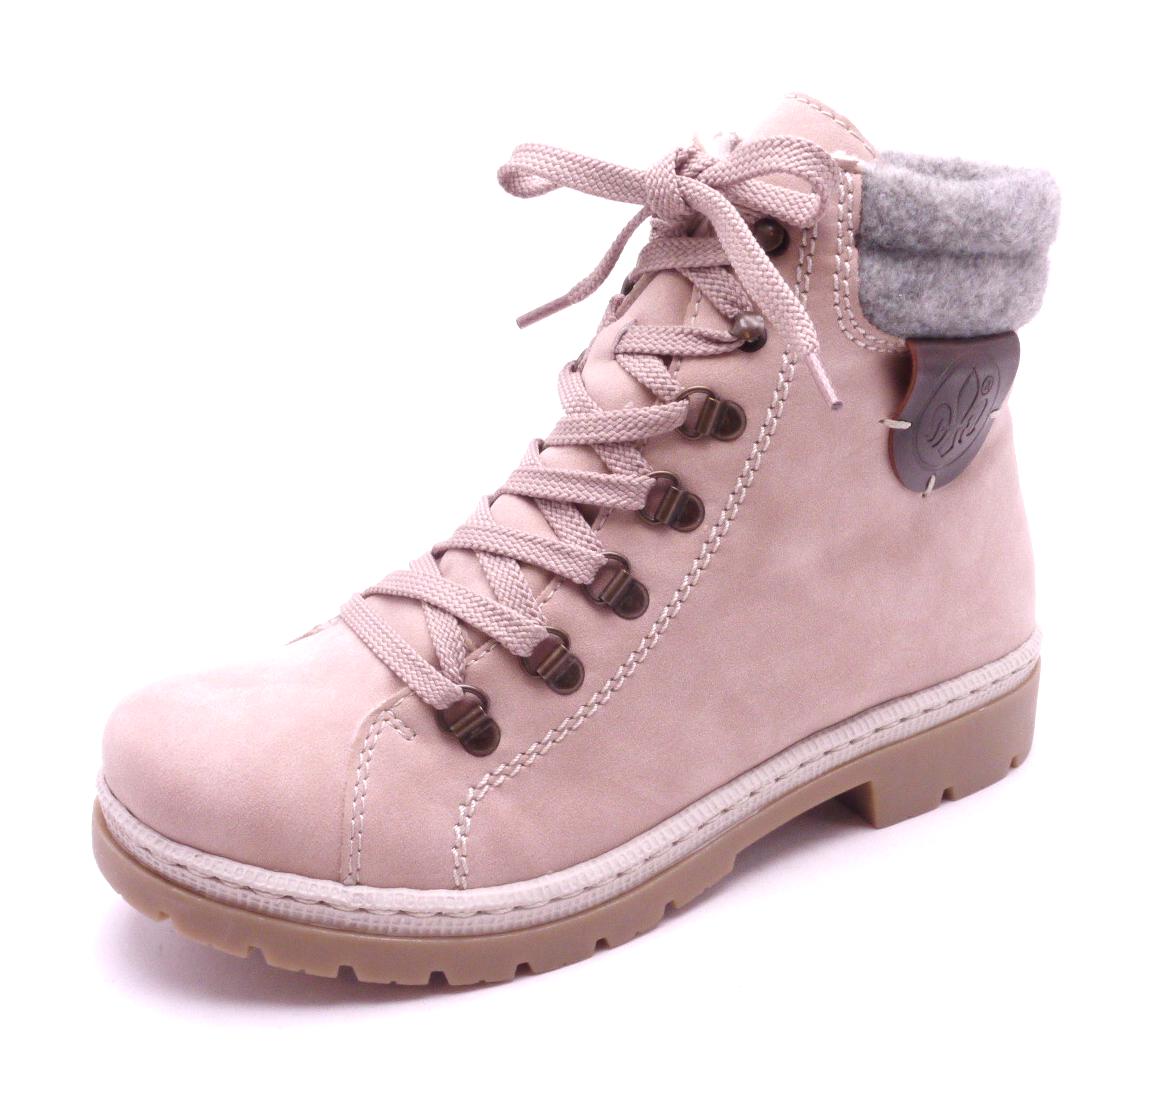 Rieker Dámská kotníková obuv ROSE Y9430-32 Velikost  37 0dfacae64a6